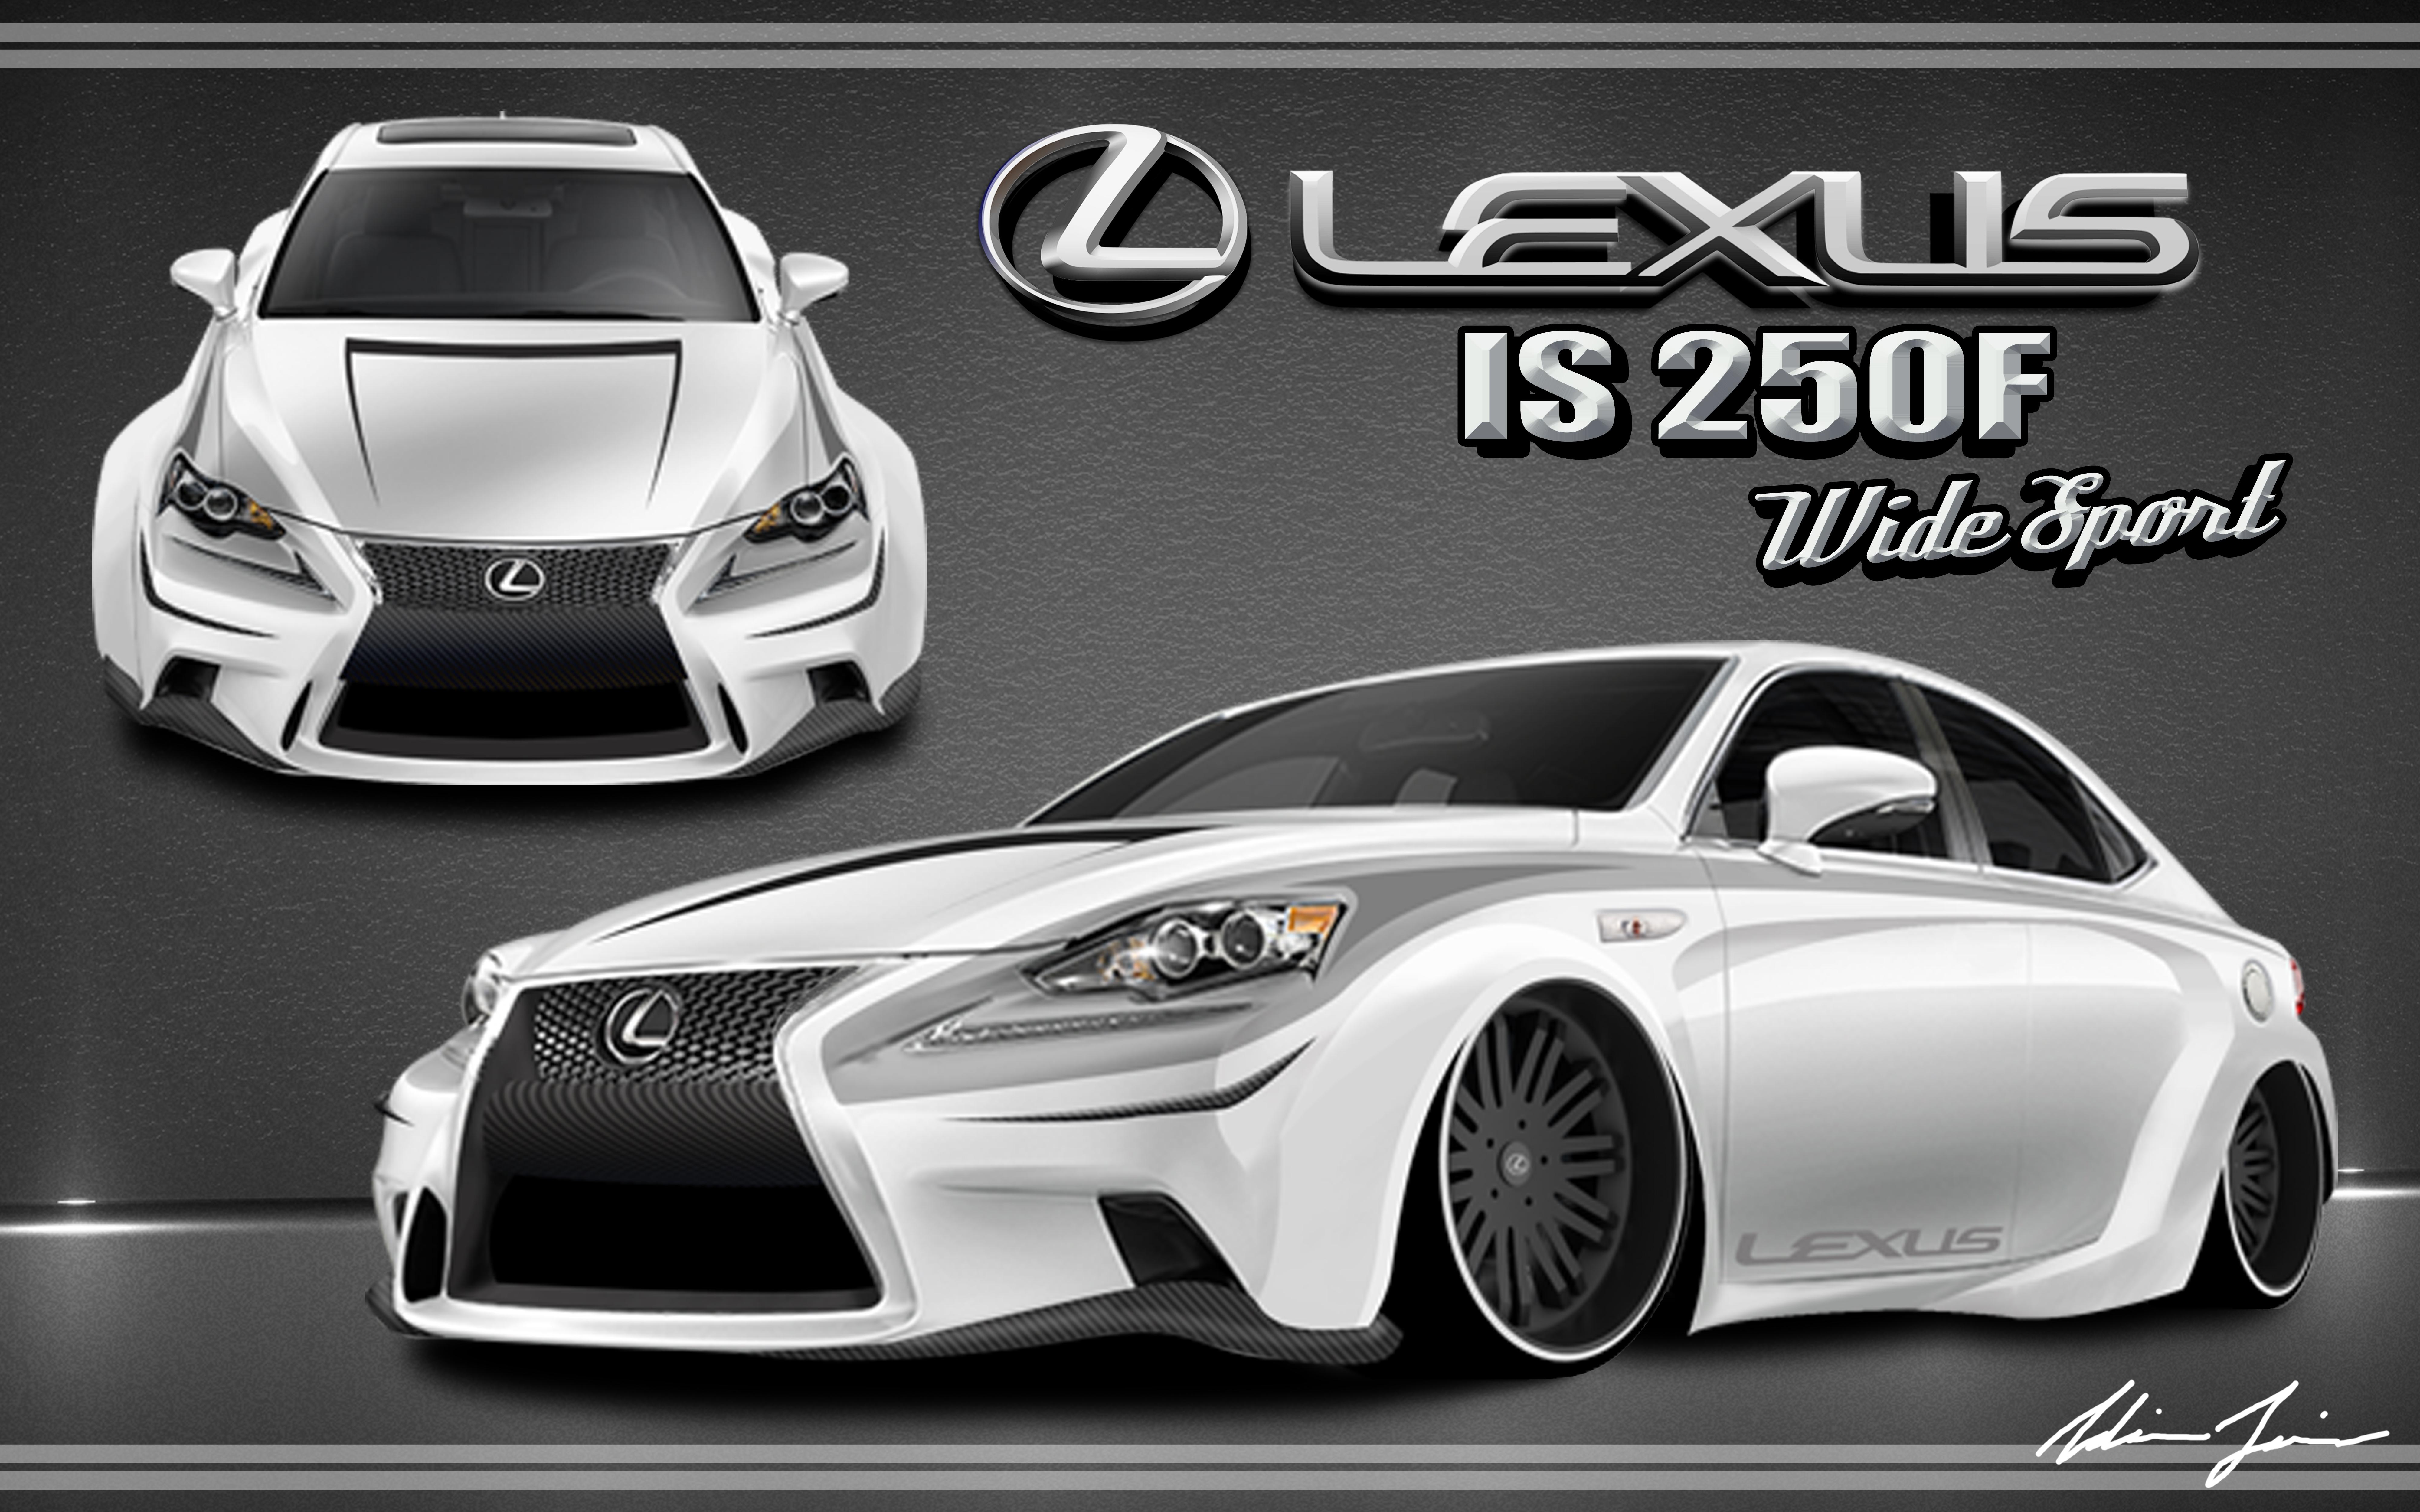 2013 Lexus IS 250F Wide Sport by Swift-Money